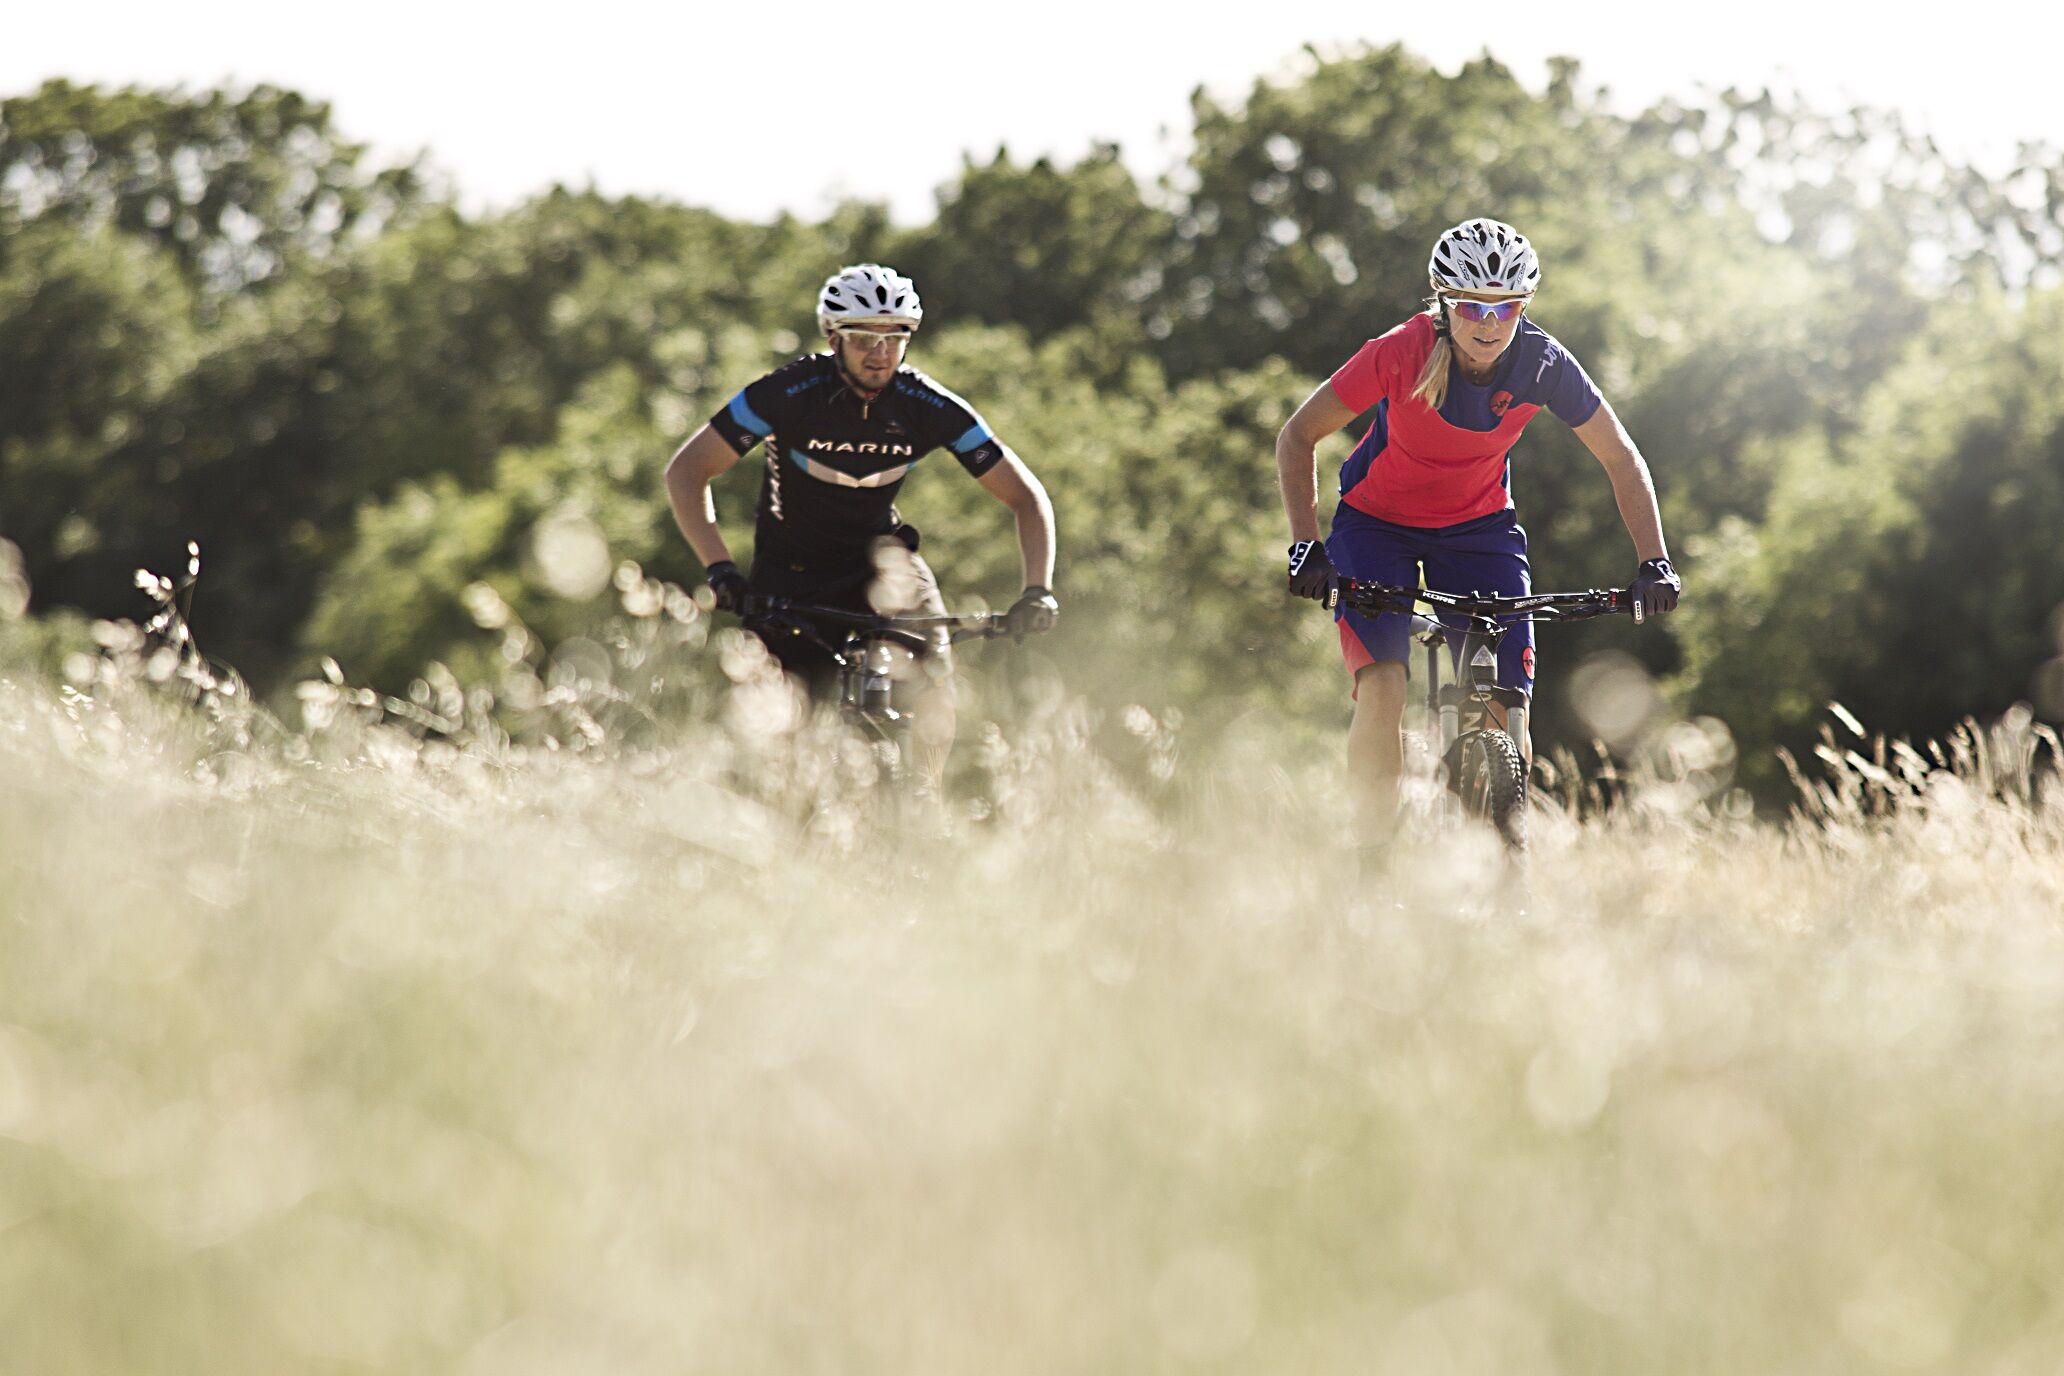 Die Tourismusregion Obermain•Jura bietet im Juli und September Erlebnistouren mit dem Mountainbike durch den Gottesgarten an. (Foto: Tobias Woggon)